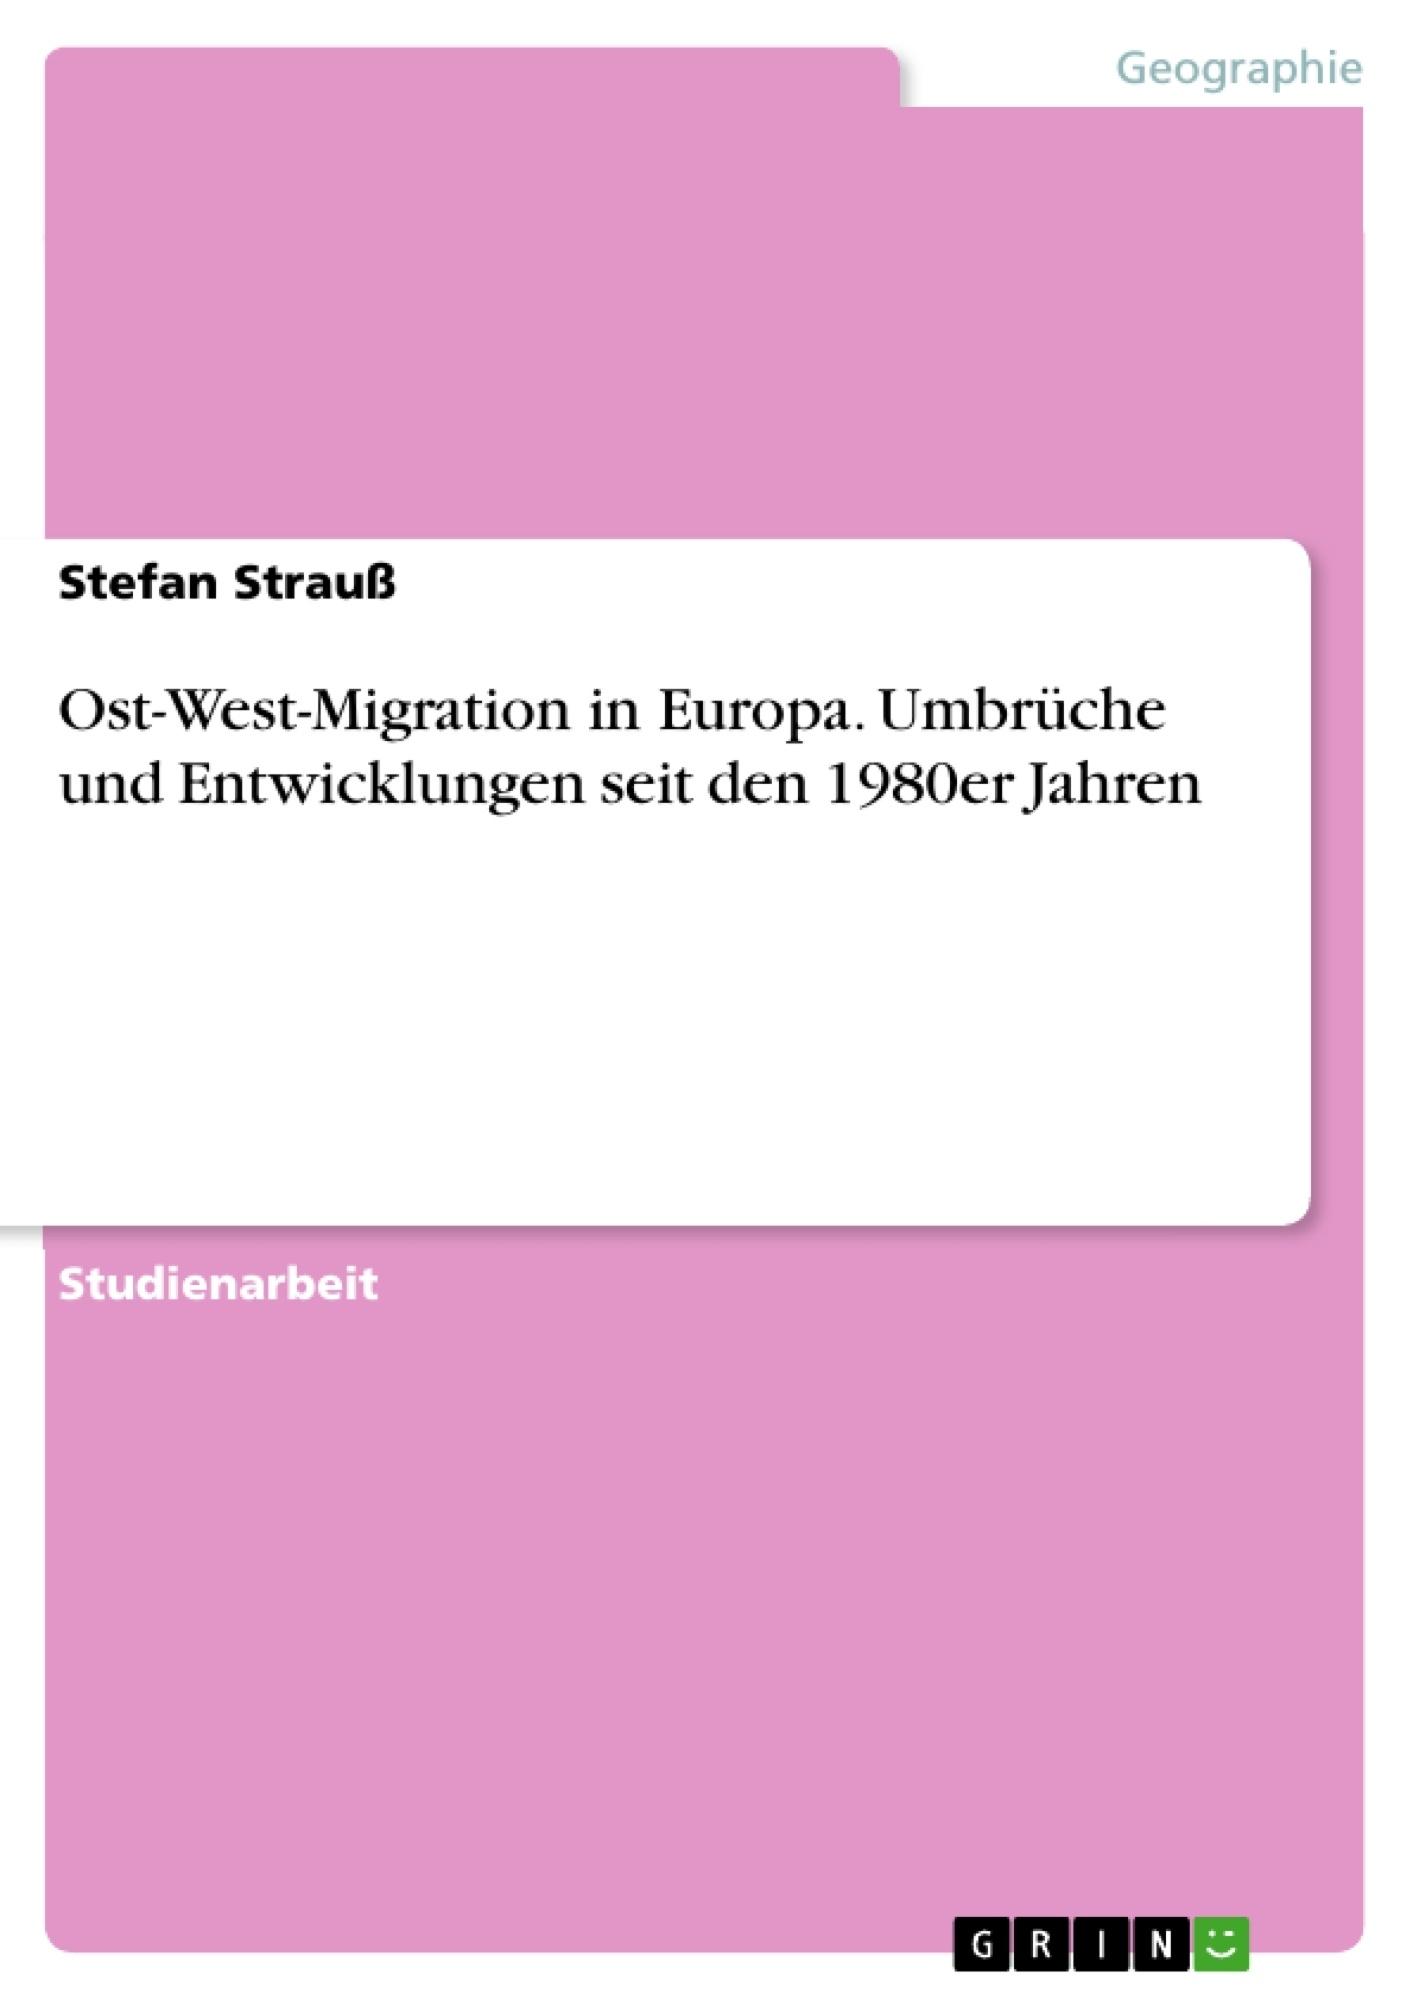 Titel: Ost-West-Migration in Europa. Umbrüche und Entwicklungen seit den 1980er Jahren